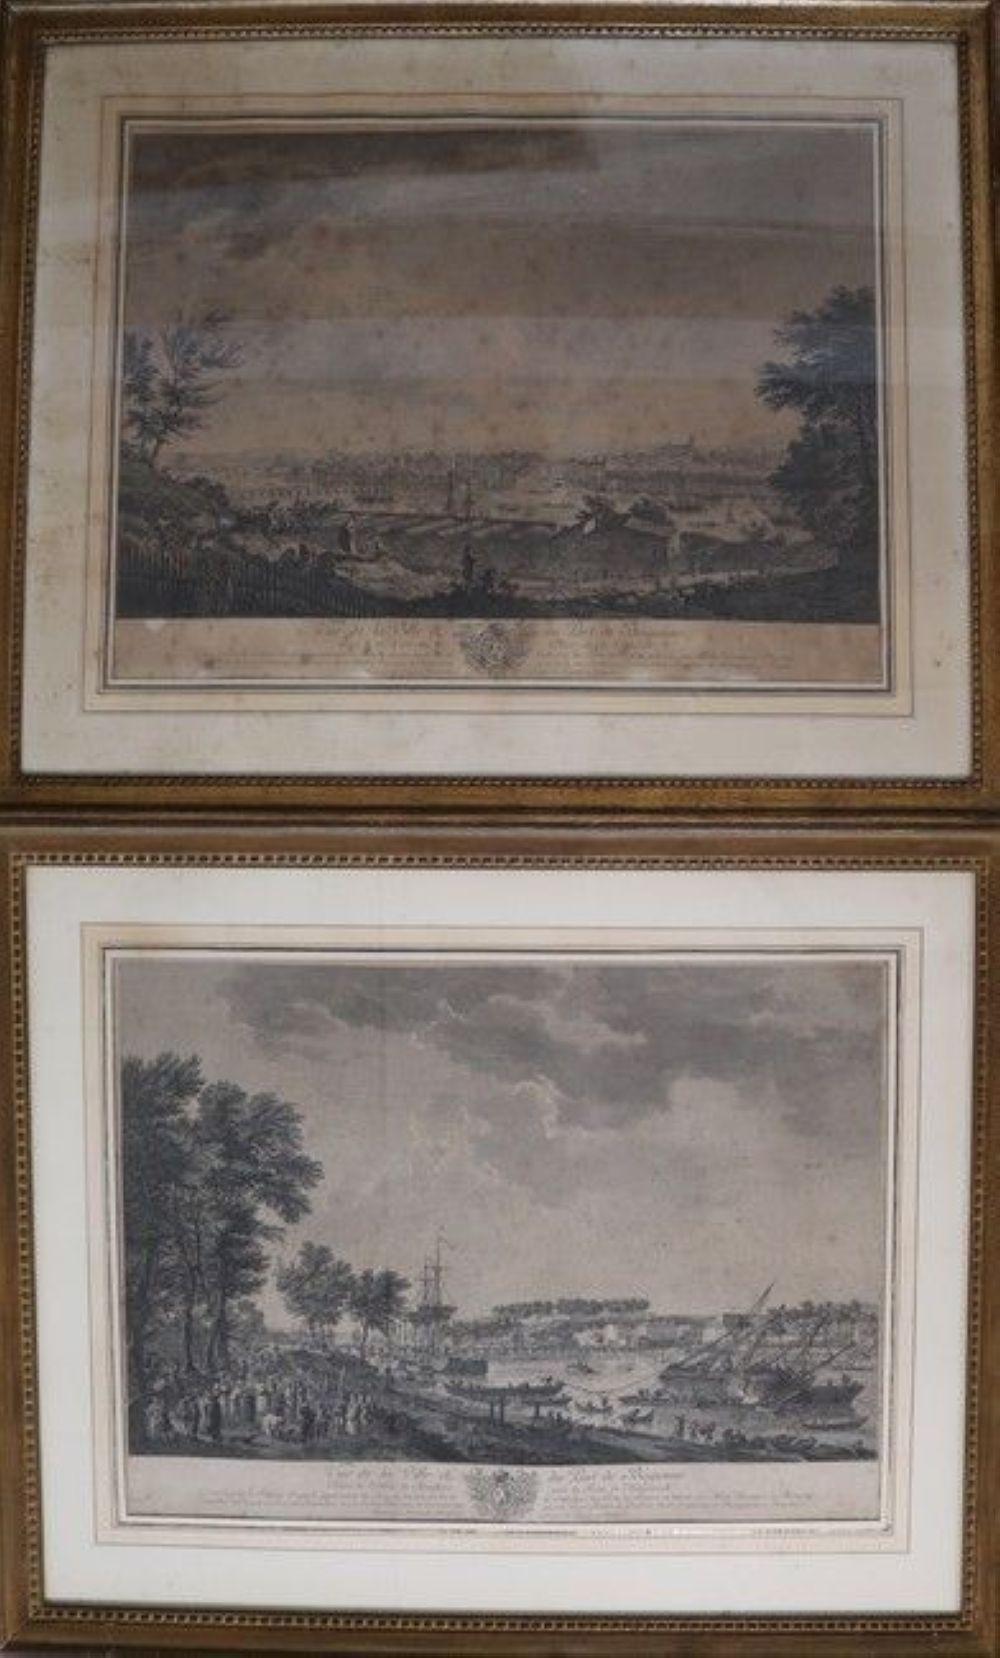 D'après Joseph VERNET (1714-1789) gravée par Cochin et Le Bas